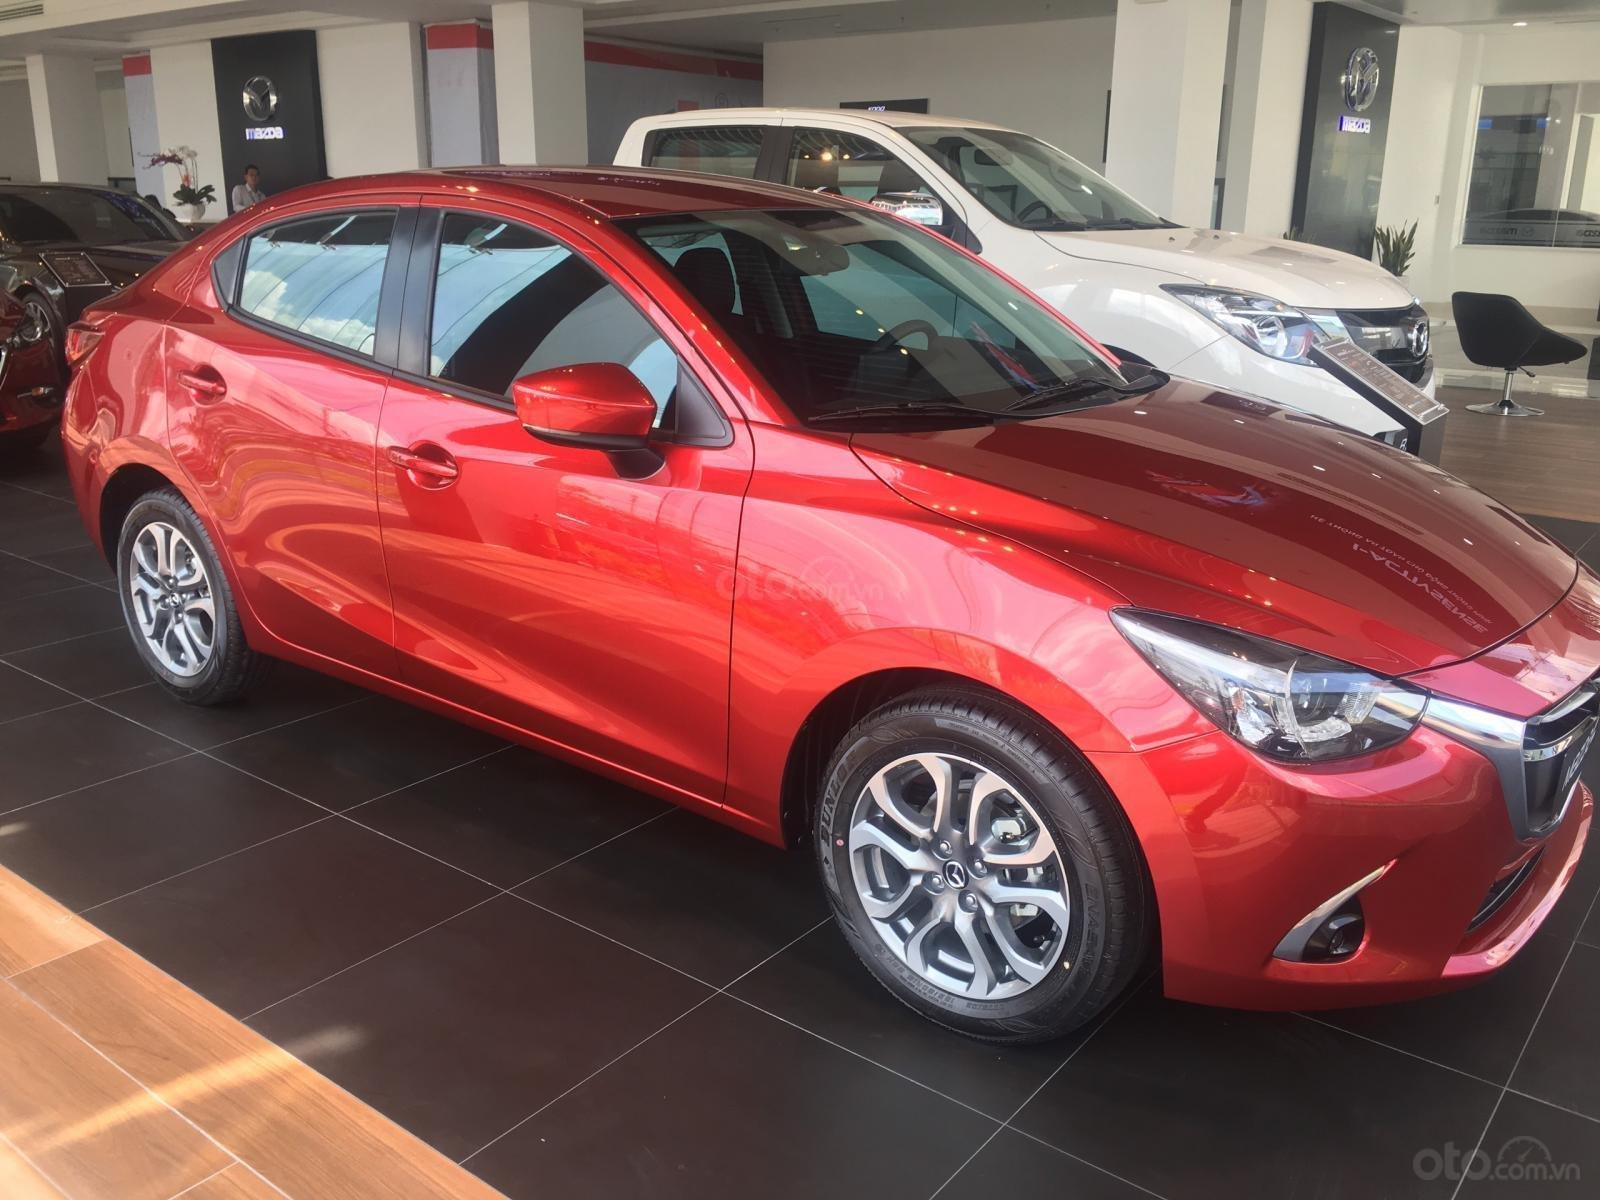 [Mazda Bình Triệu] Mazda 2 nhập Thái 100% - Quà tặng hấp dẫn tháng 05 - giao xe tận nhà - LH 0971 773 894 giá tốt nhất (2)